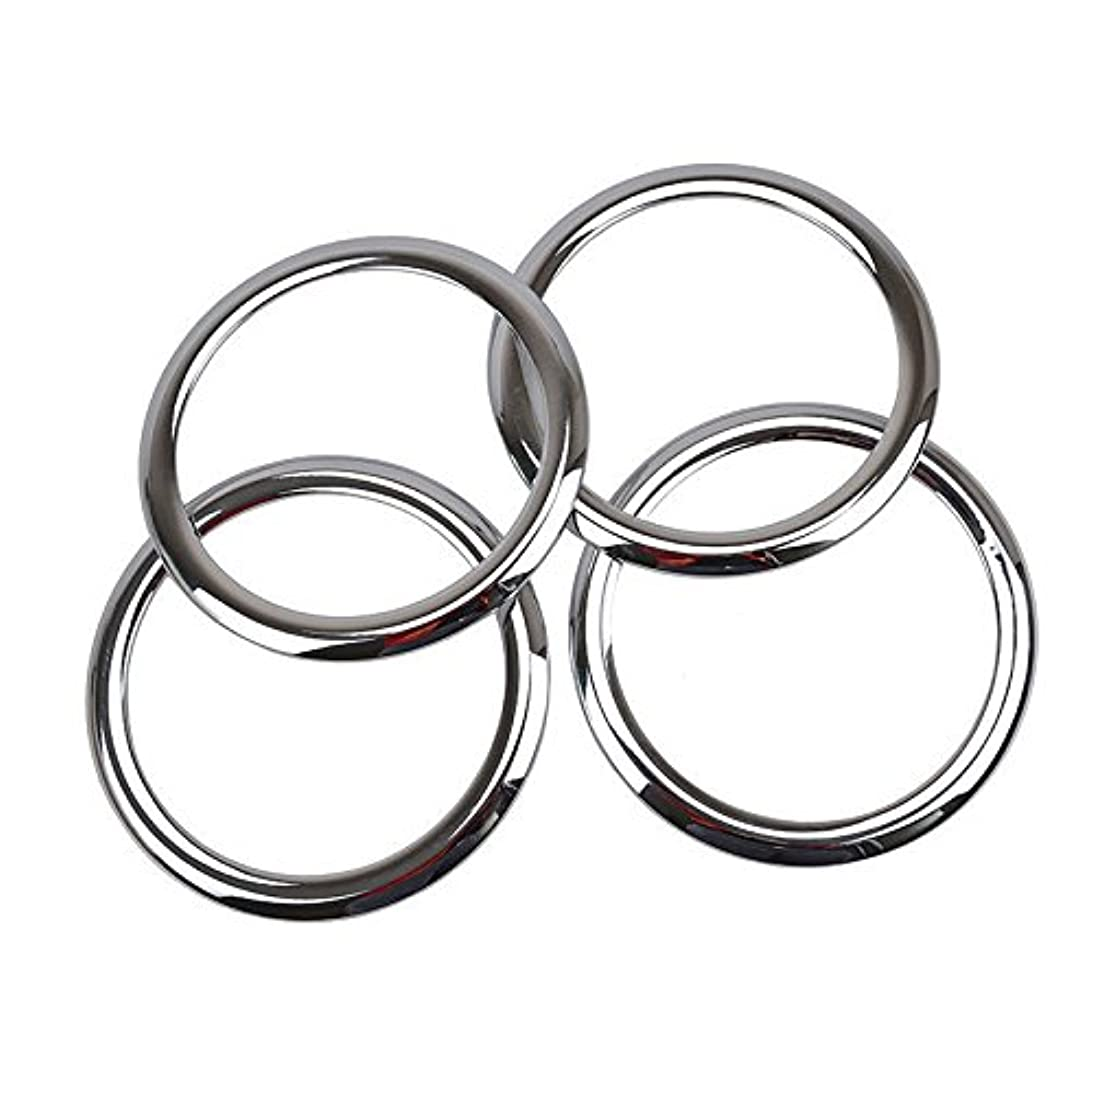 ズボン豊富な強いますJicorzo - ABS Chrome Car Door Stereo Speaker Collar Cover Trim Bezel Fit For 2007-2015 Patriot Compass Car Interior Accessories Styling